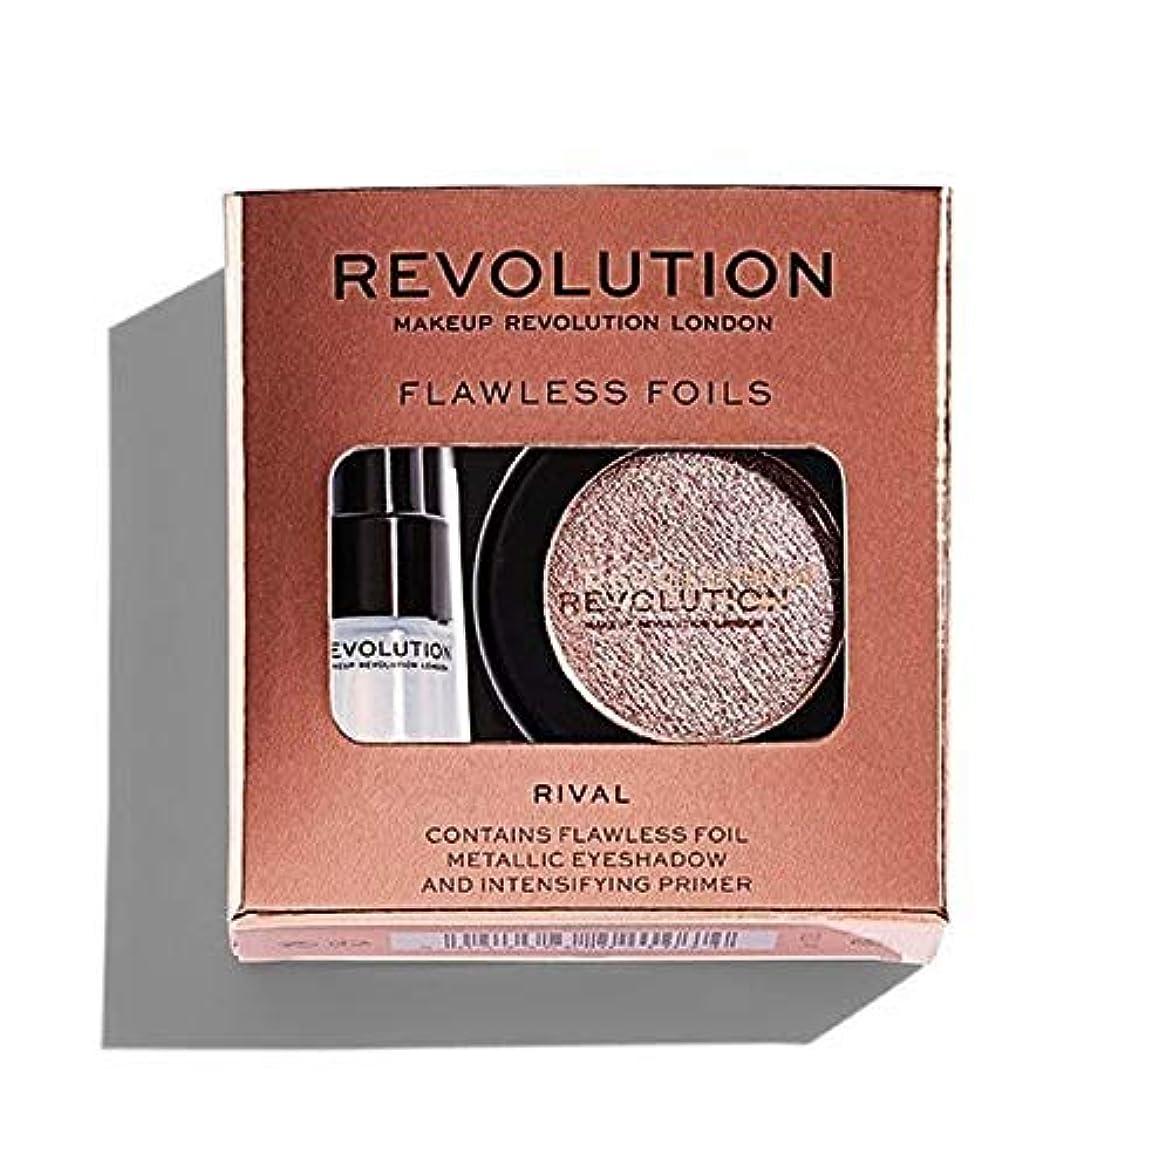 ショットロッジセットする[Revolution ] ライバル革命完璧な箔 - Revolution Flawless Foils Rival [並行輸入品]